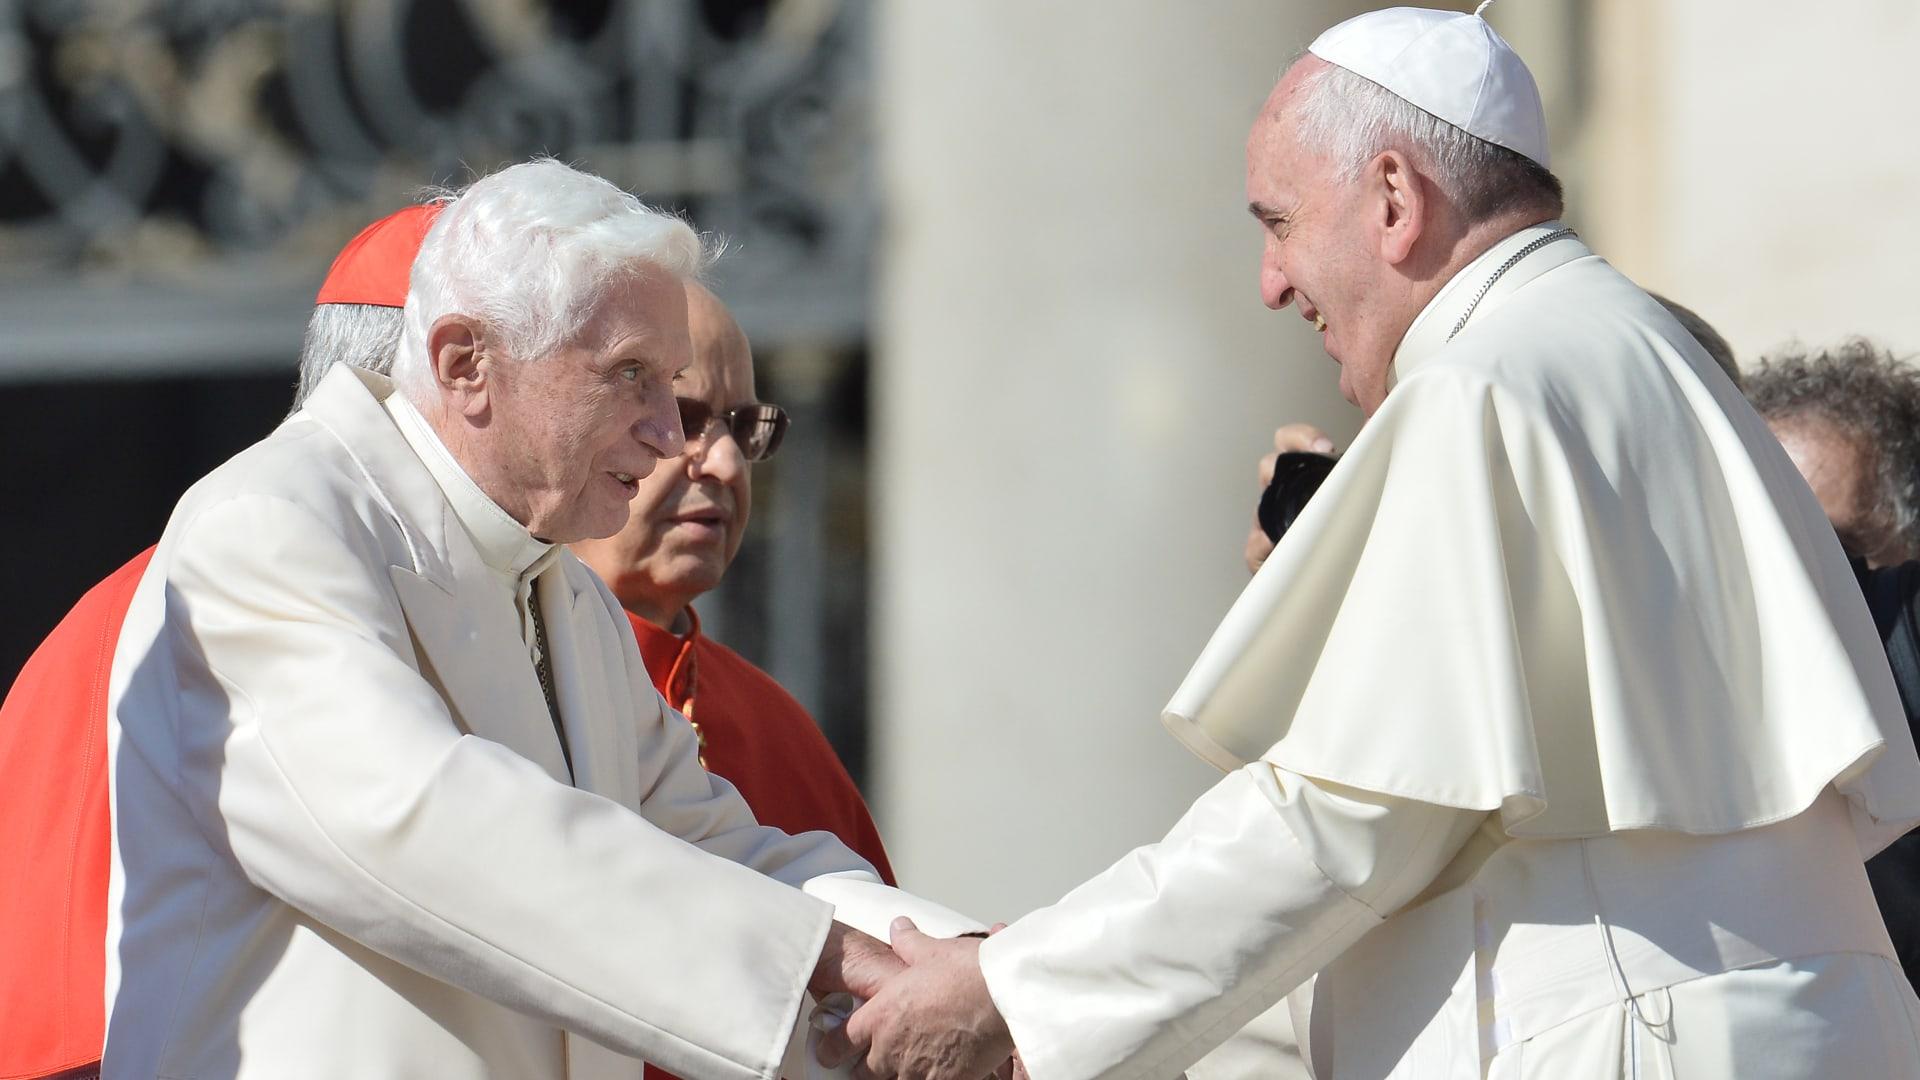 بابا الفاتيكان فرانسيس والبابا الفخري بنديكت يتلقيان لقاح كورونا